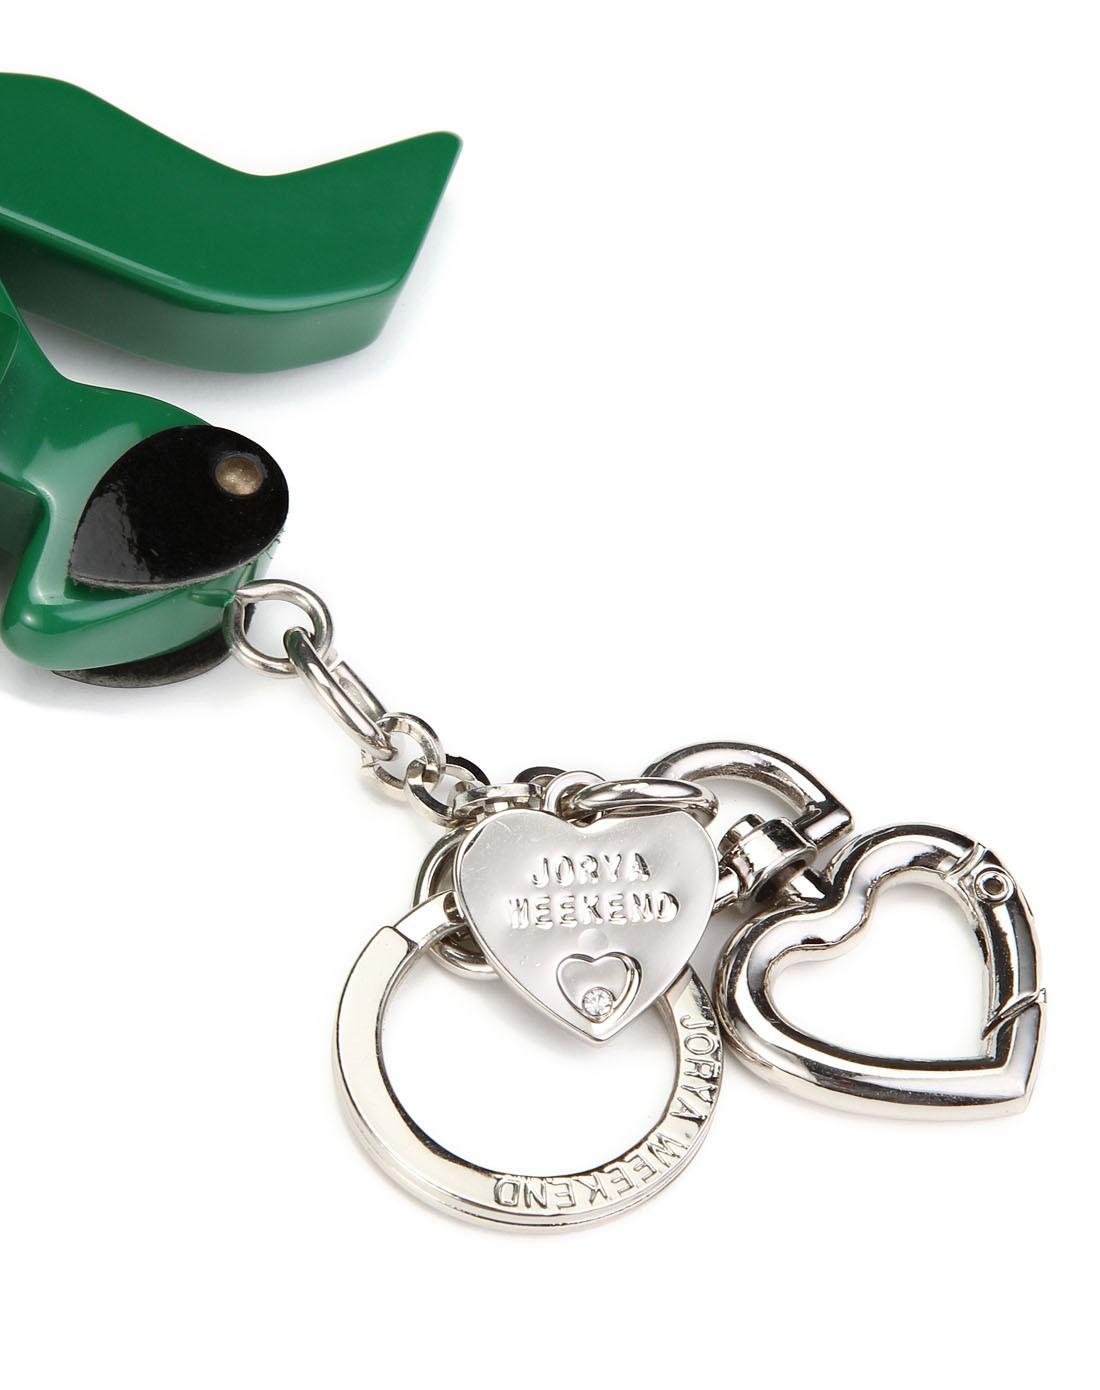 绿色可爱卡通钥匙扣